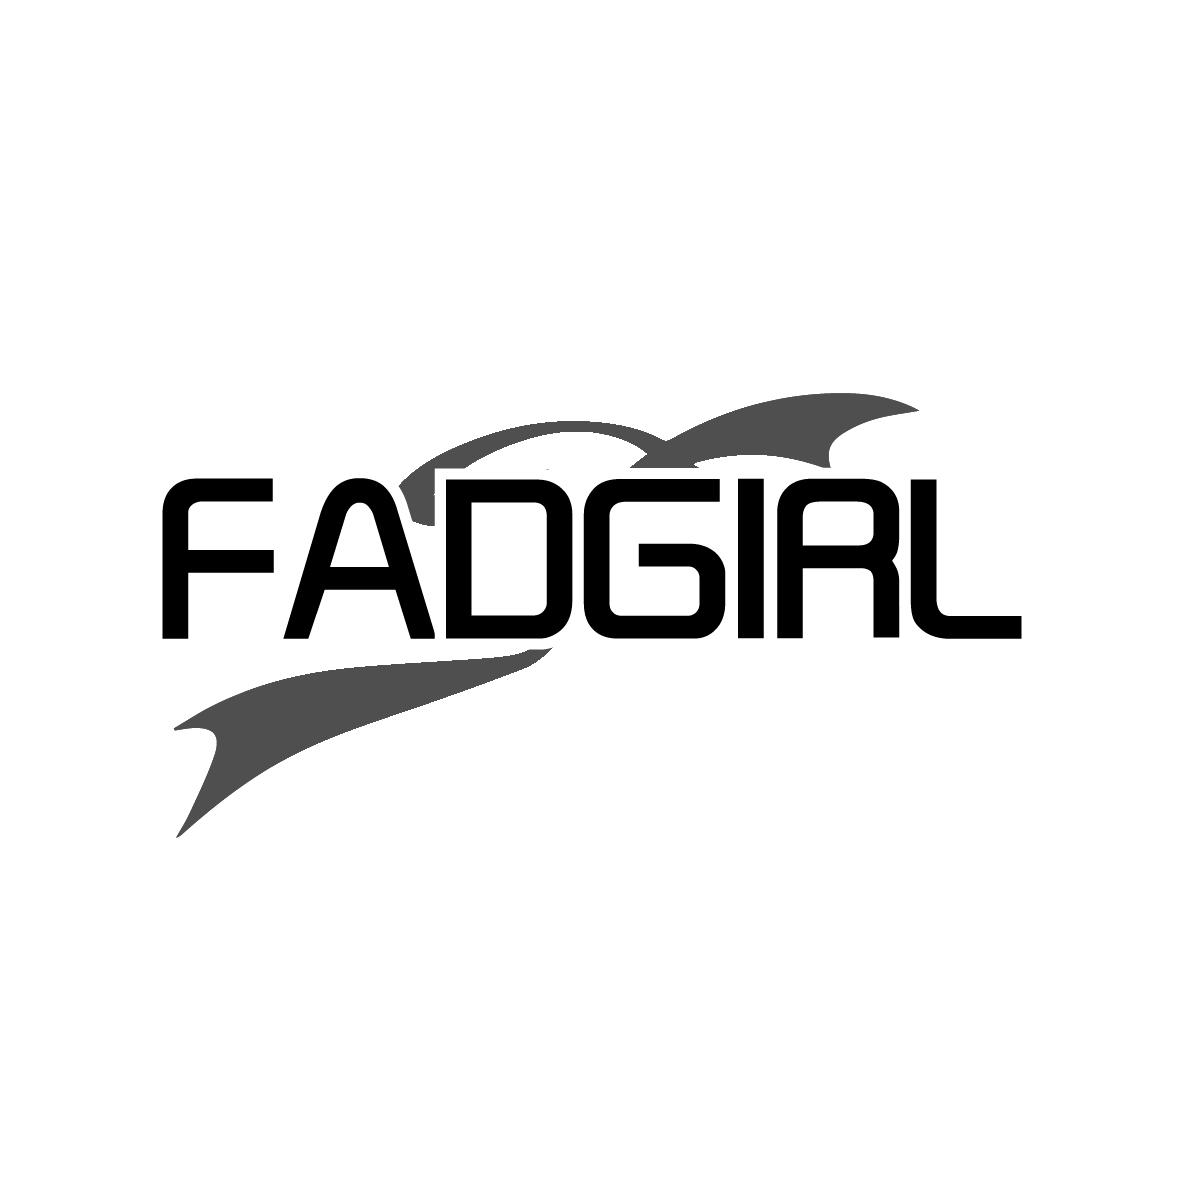 转让商标-FADGIRL